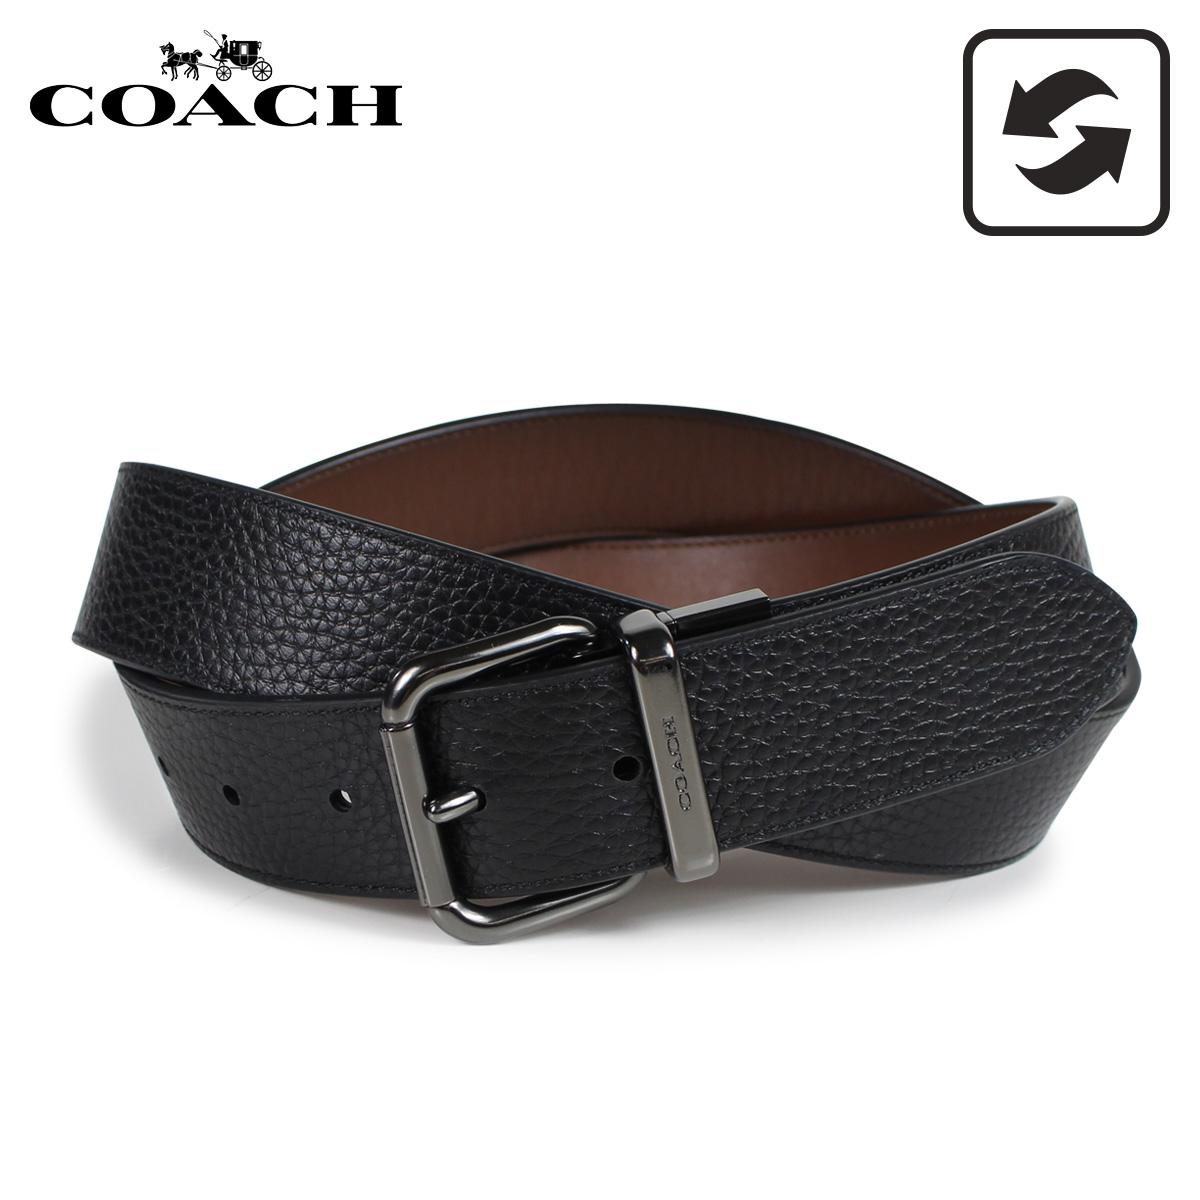 COACH コーチ ベルト レザーベルト メンズ リバーシブル 本革 レザー ブラック 黒 F38727 [3/8 新入荷]